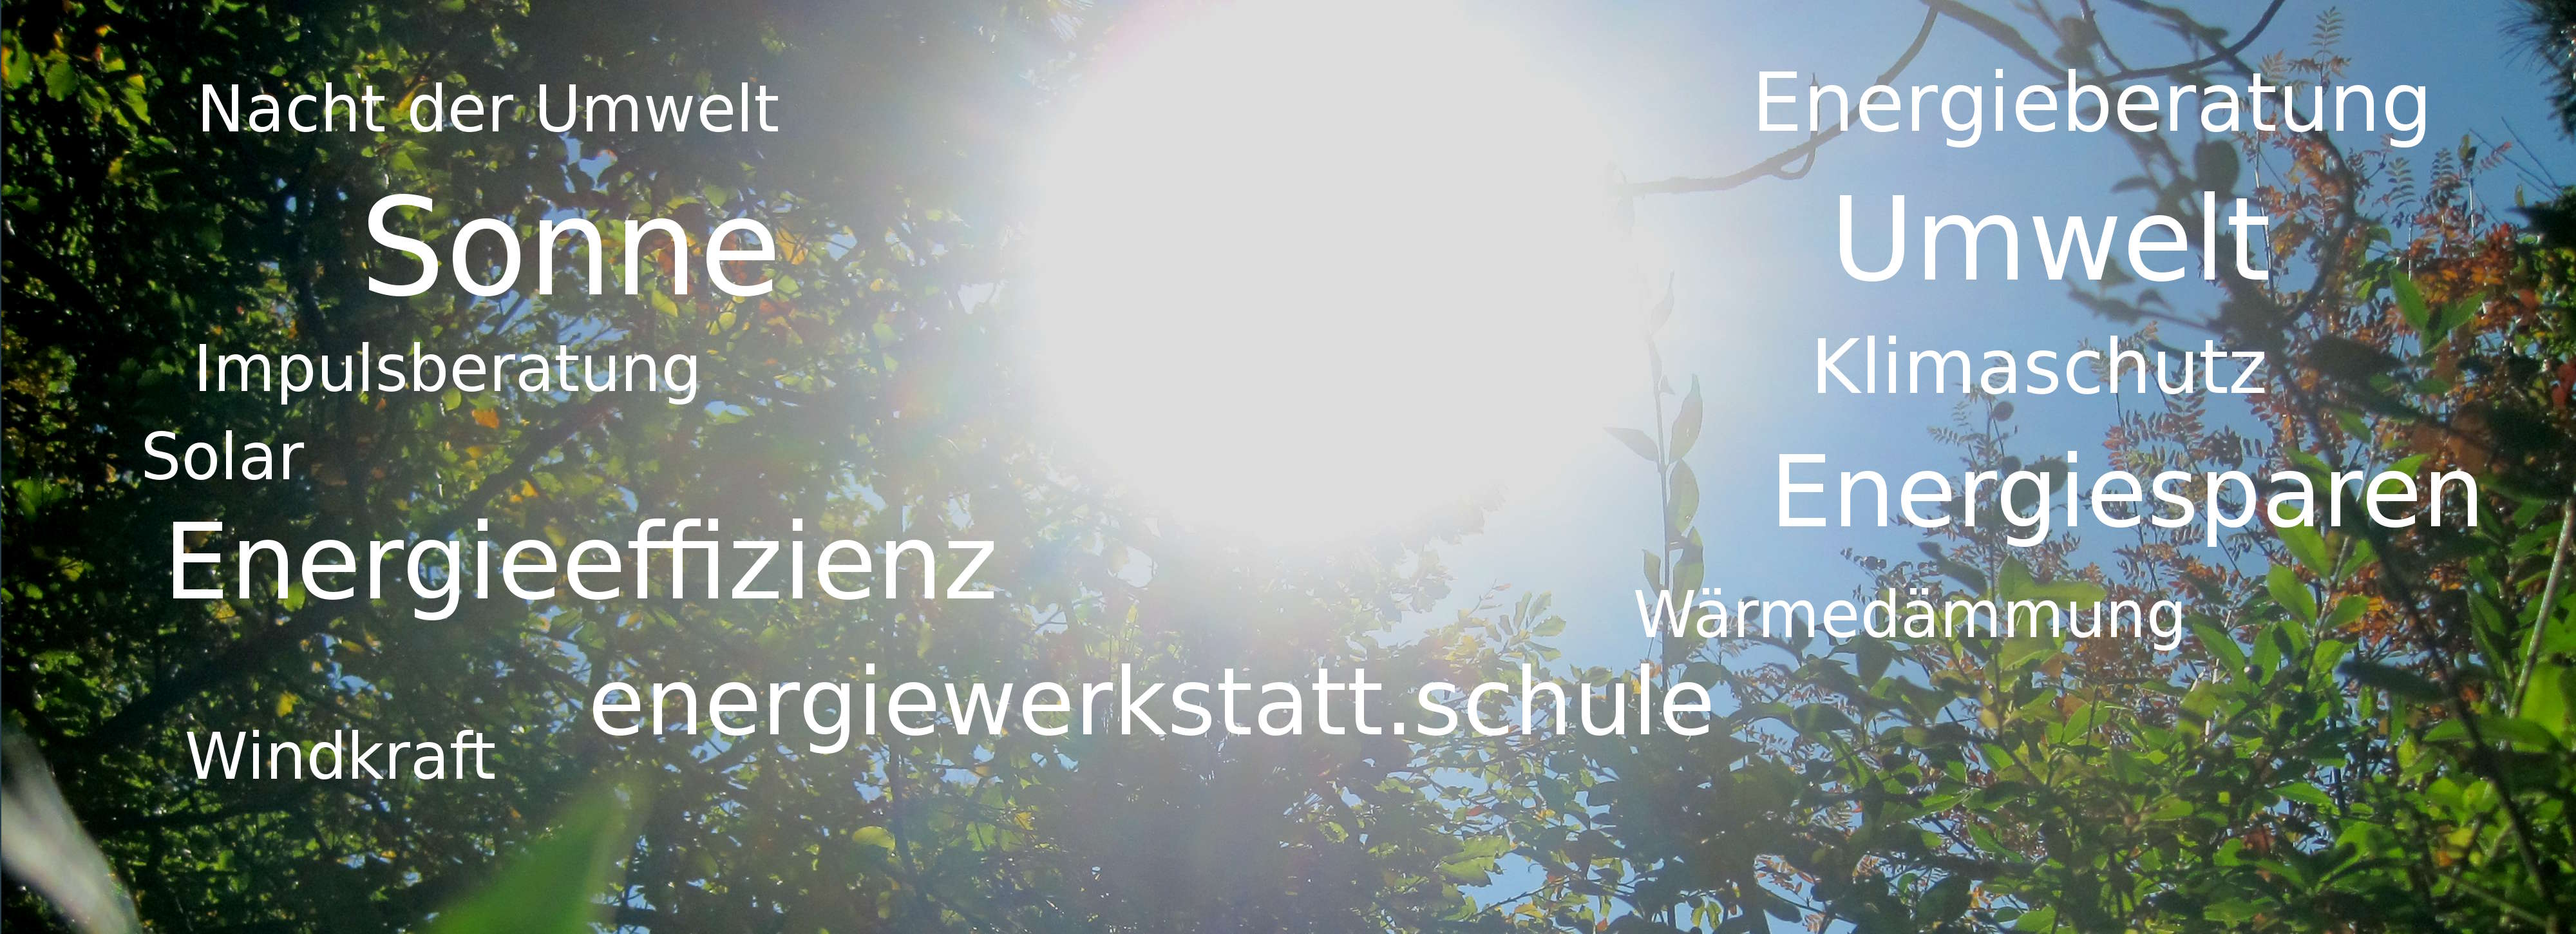 sonnescheint4